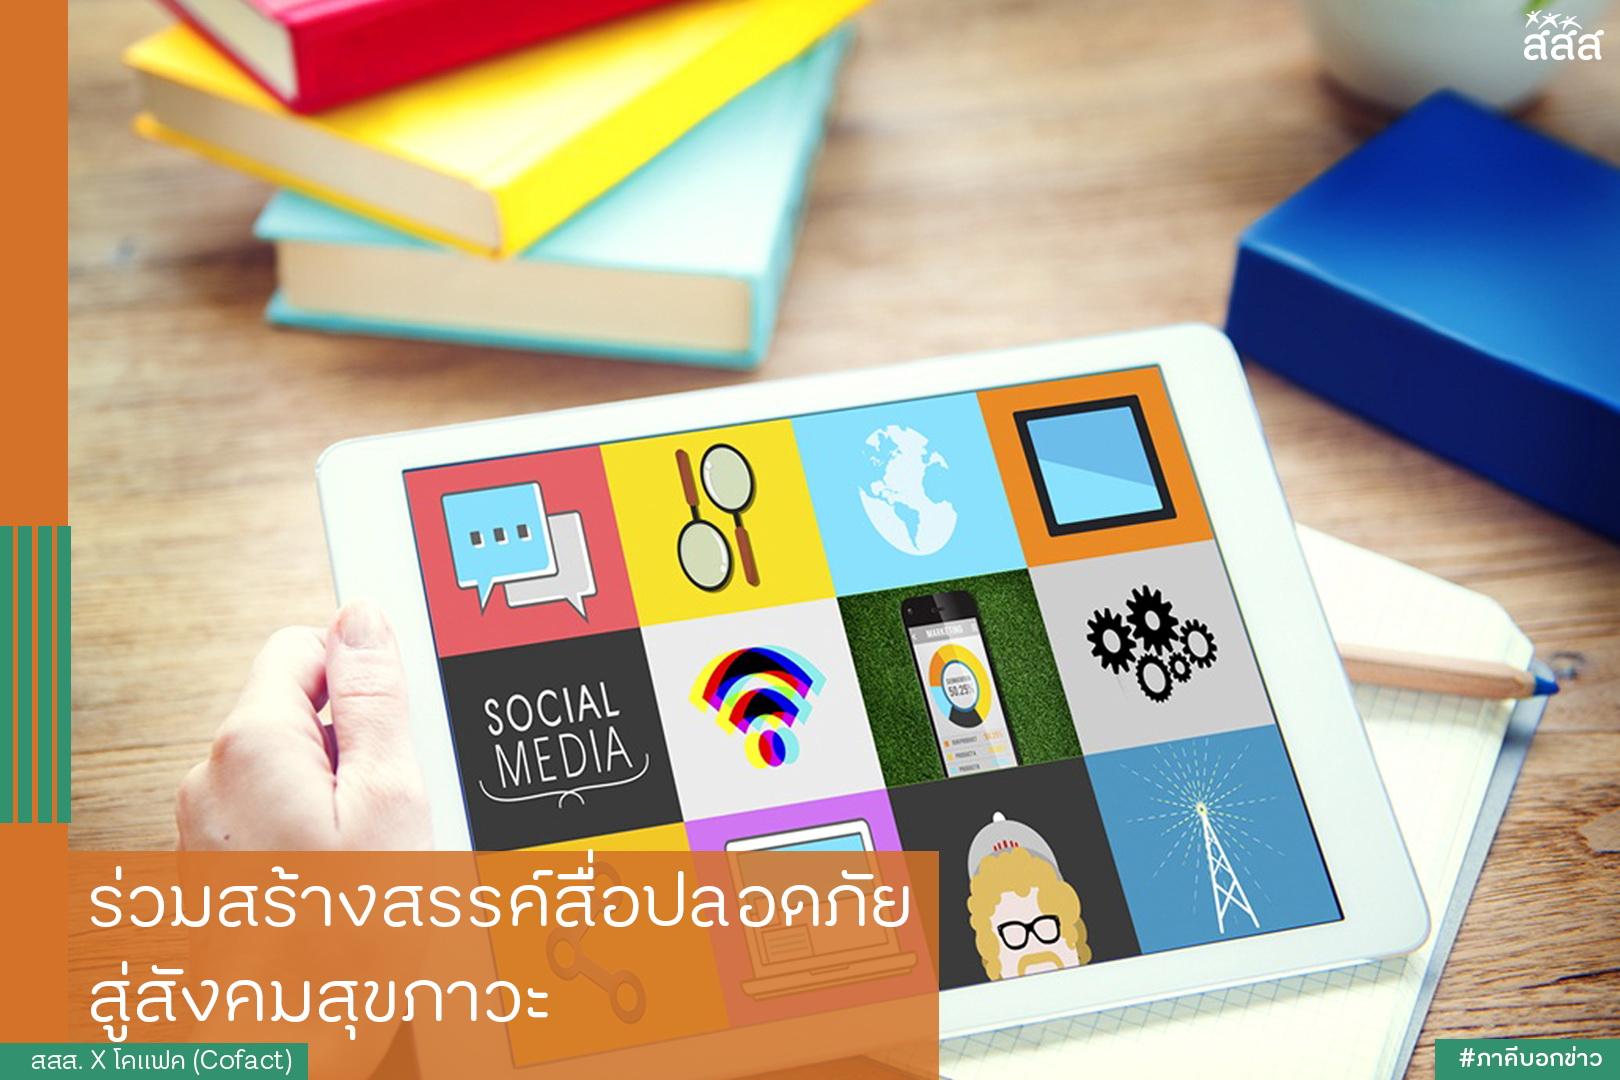 ร่วมสร้างสรรค์สื่อปลอดภัย สู่สังคมสุขภาวะ thaihealth